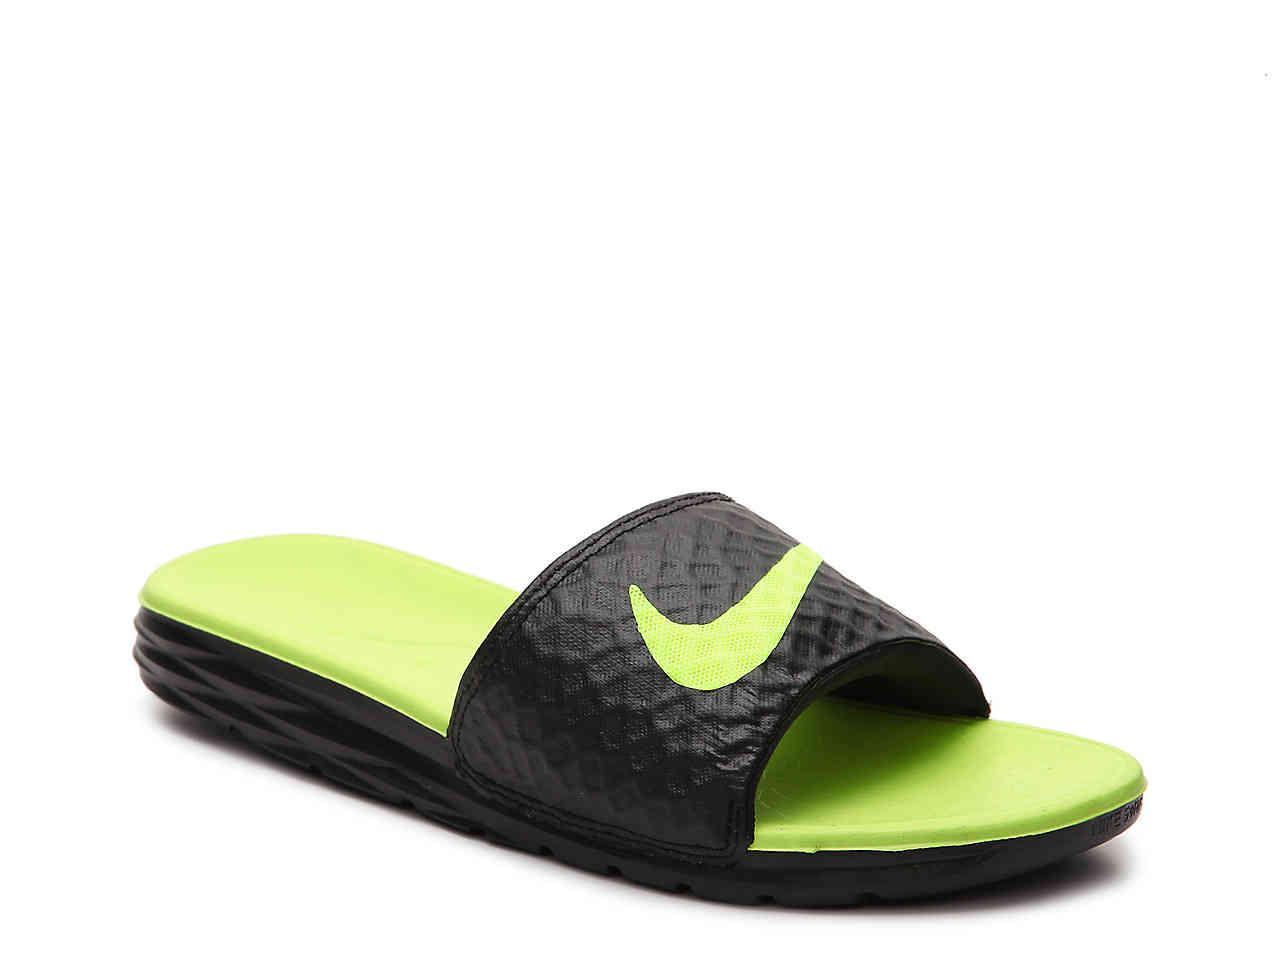 47ef4c9a1 Lyst - Nike Benassi Solarsoft 2 Slide Sandal in Green for Men